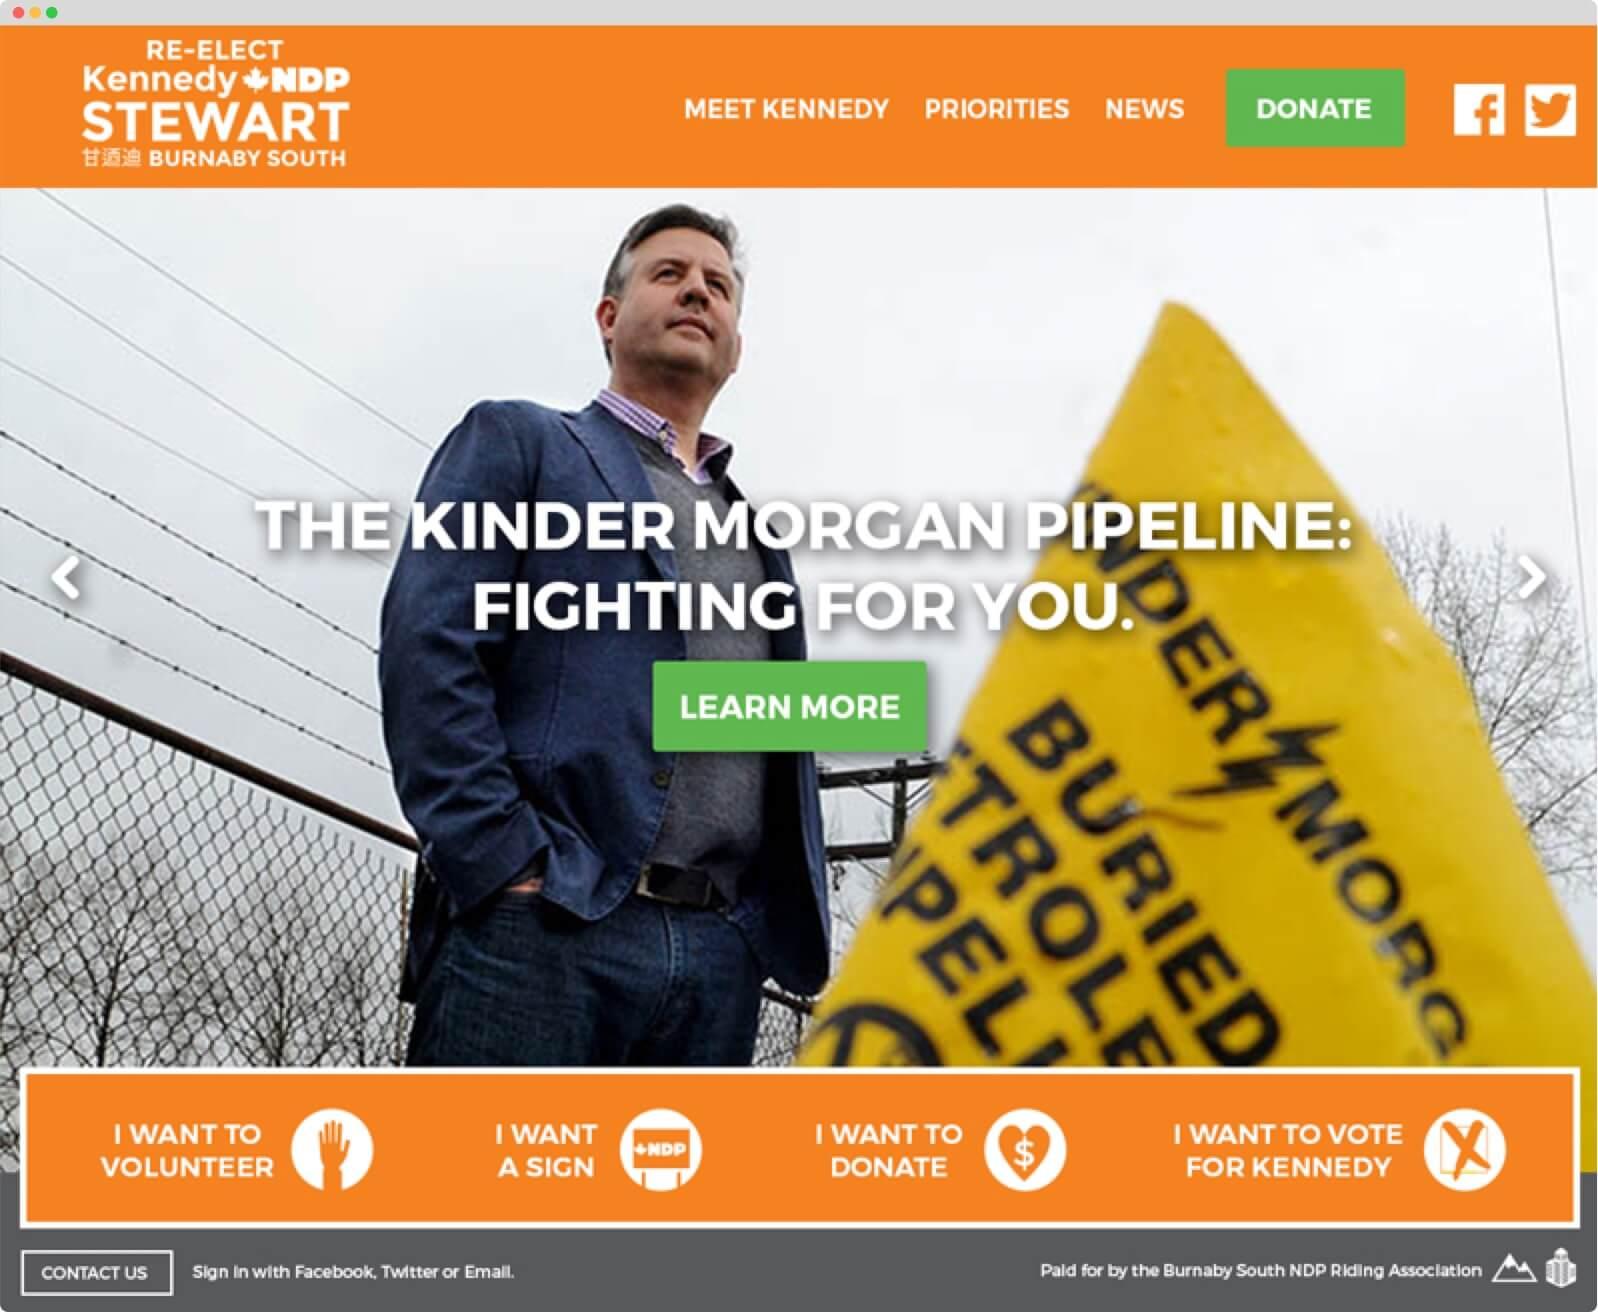 kennedy-website-screenshot.jpg